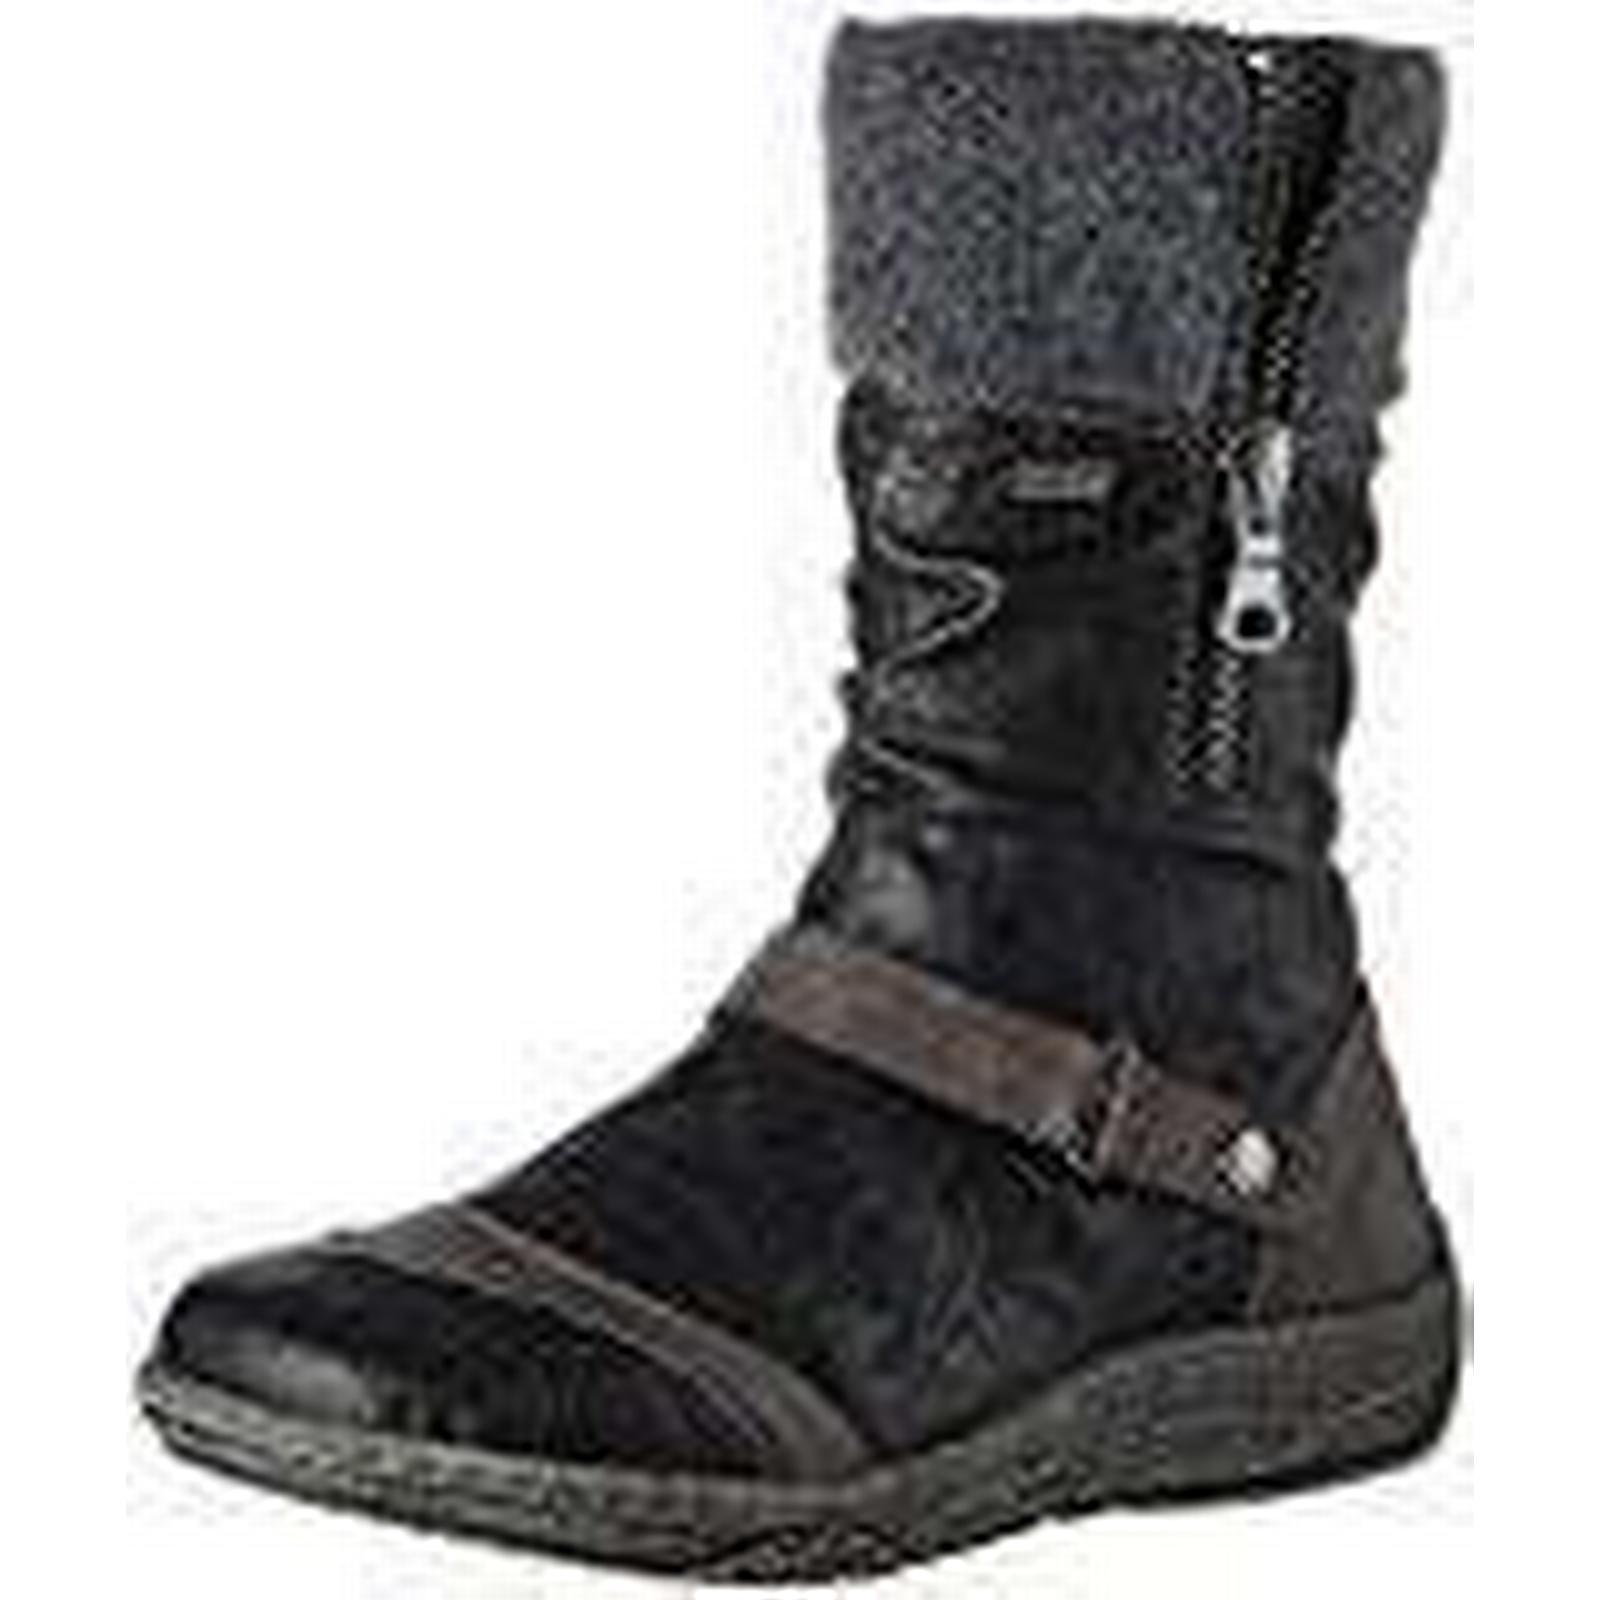 Remonte Women's D3889 Snow Boots, UK Black Fumo/Schwarz 01, 5 UK Boots, 5 UK bda386